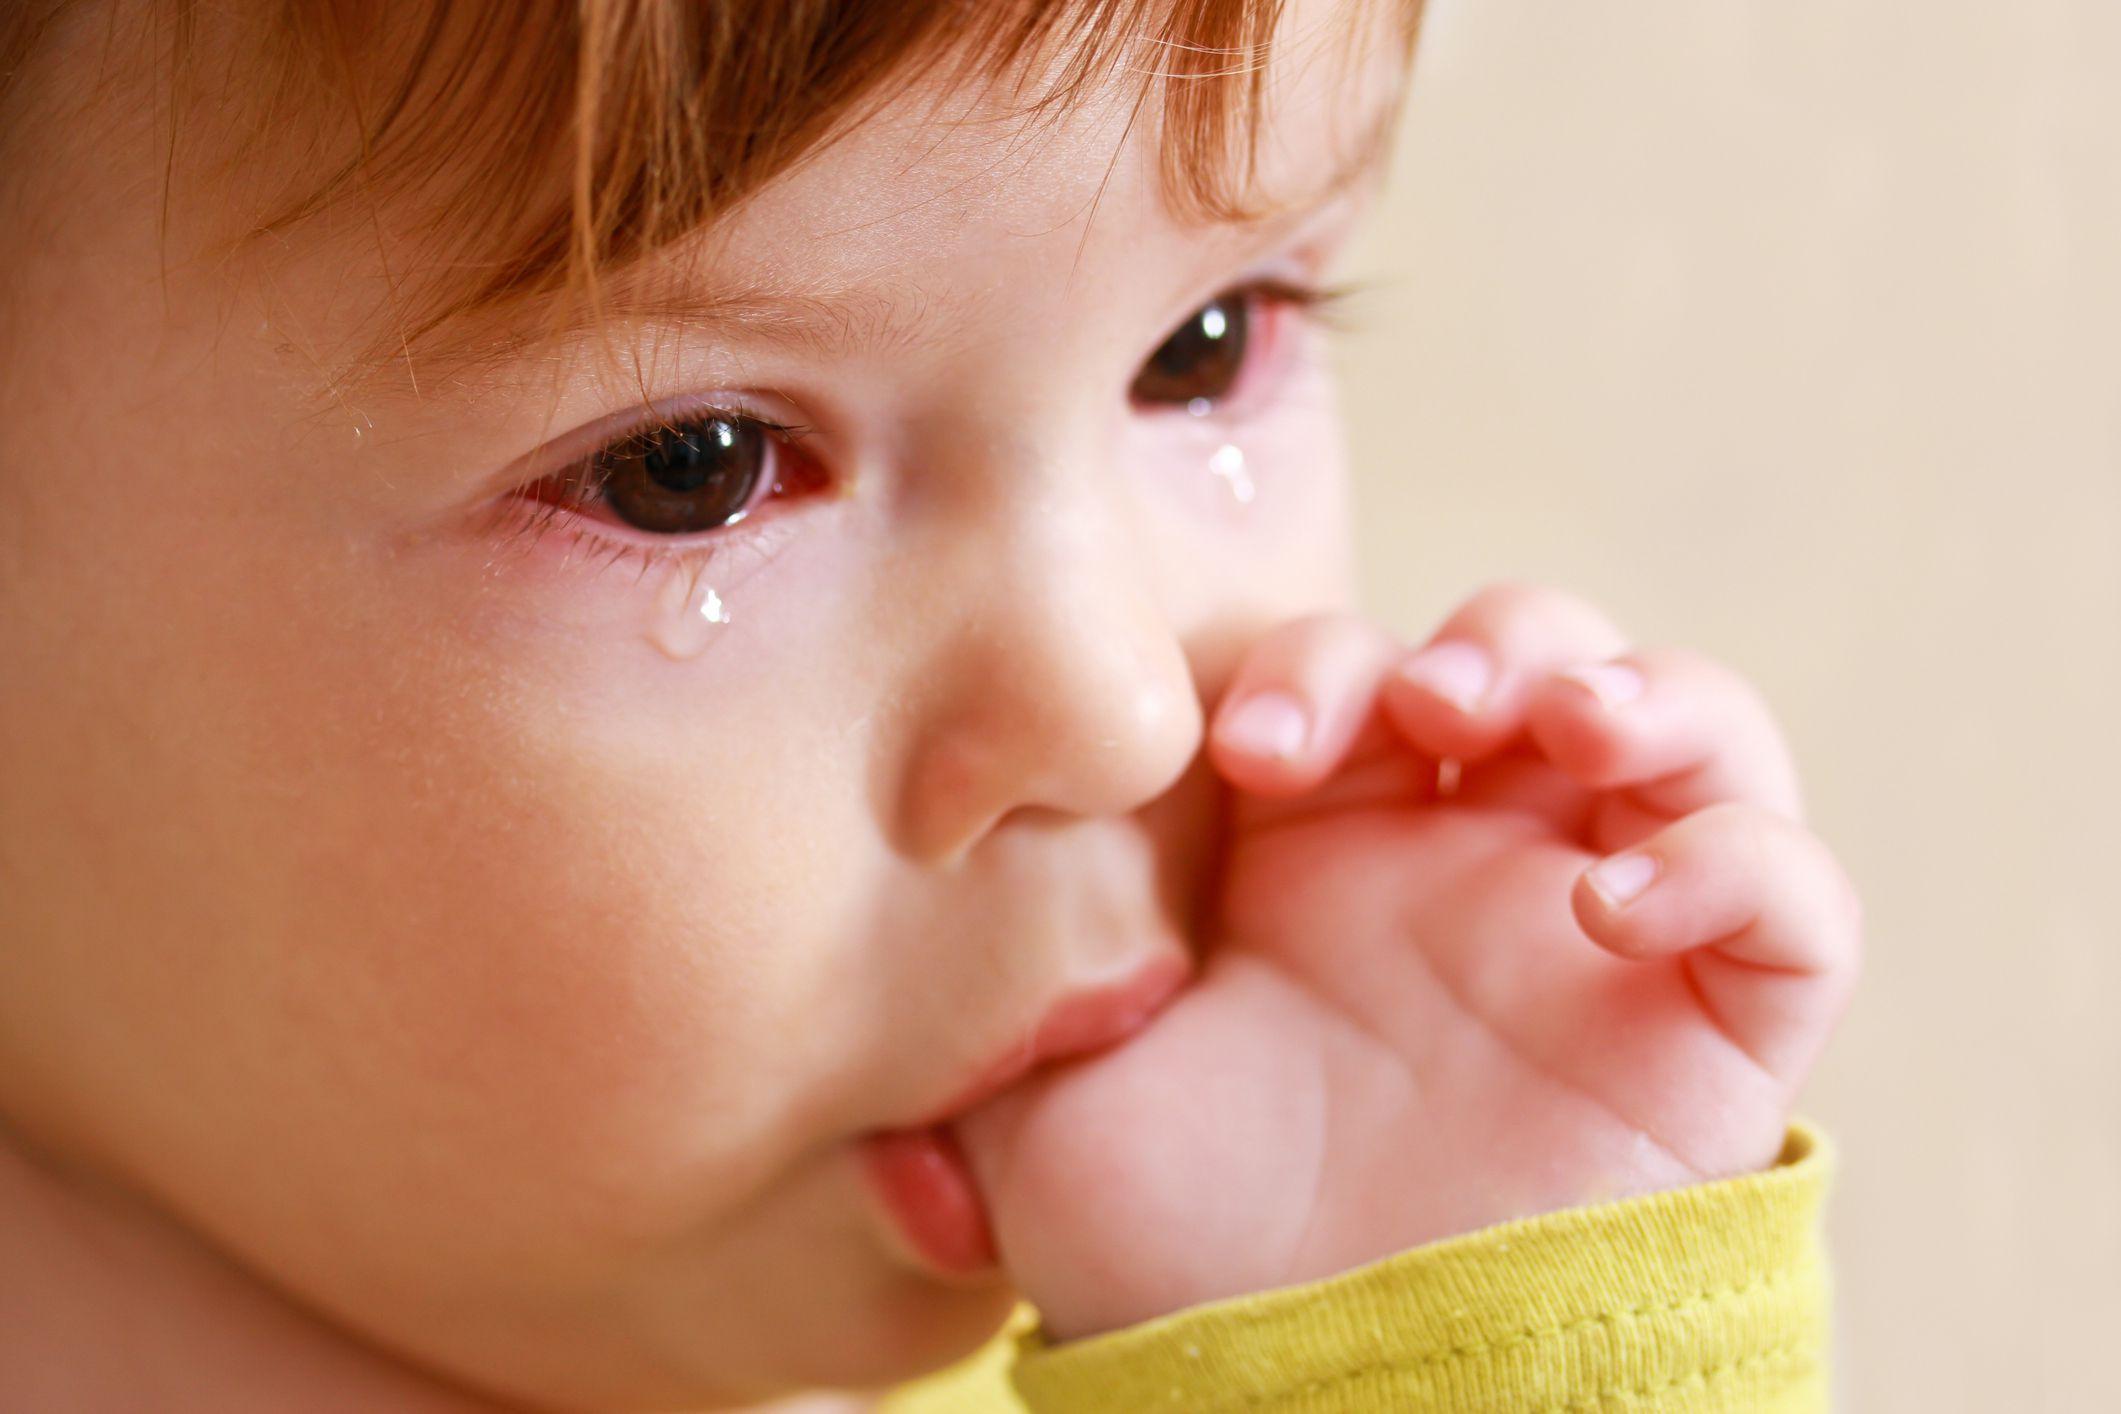 пафос плачущие младенцы картинки колония новокузнецке интересное